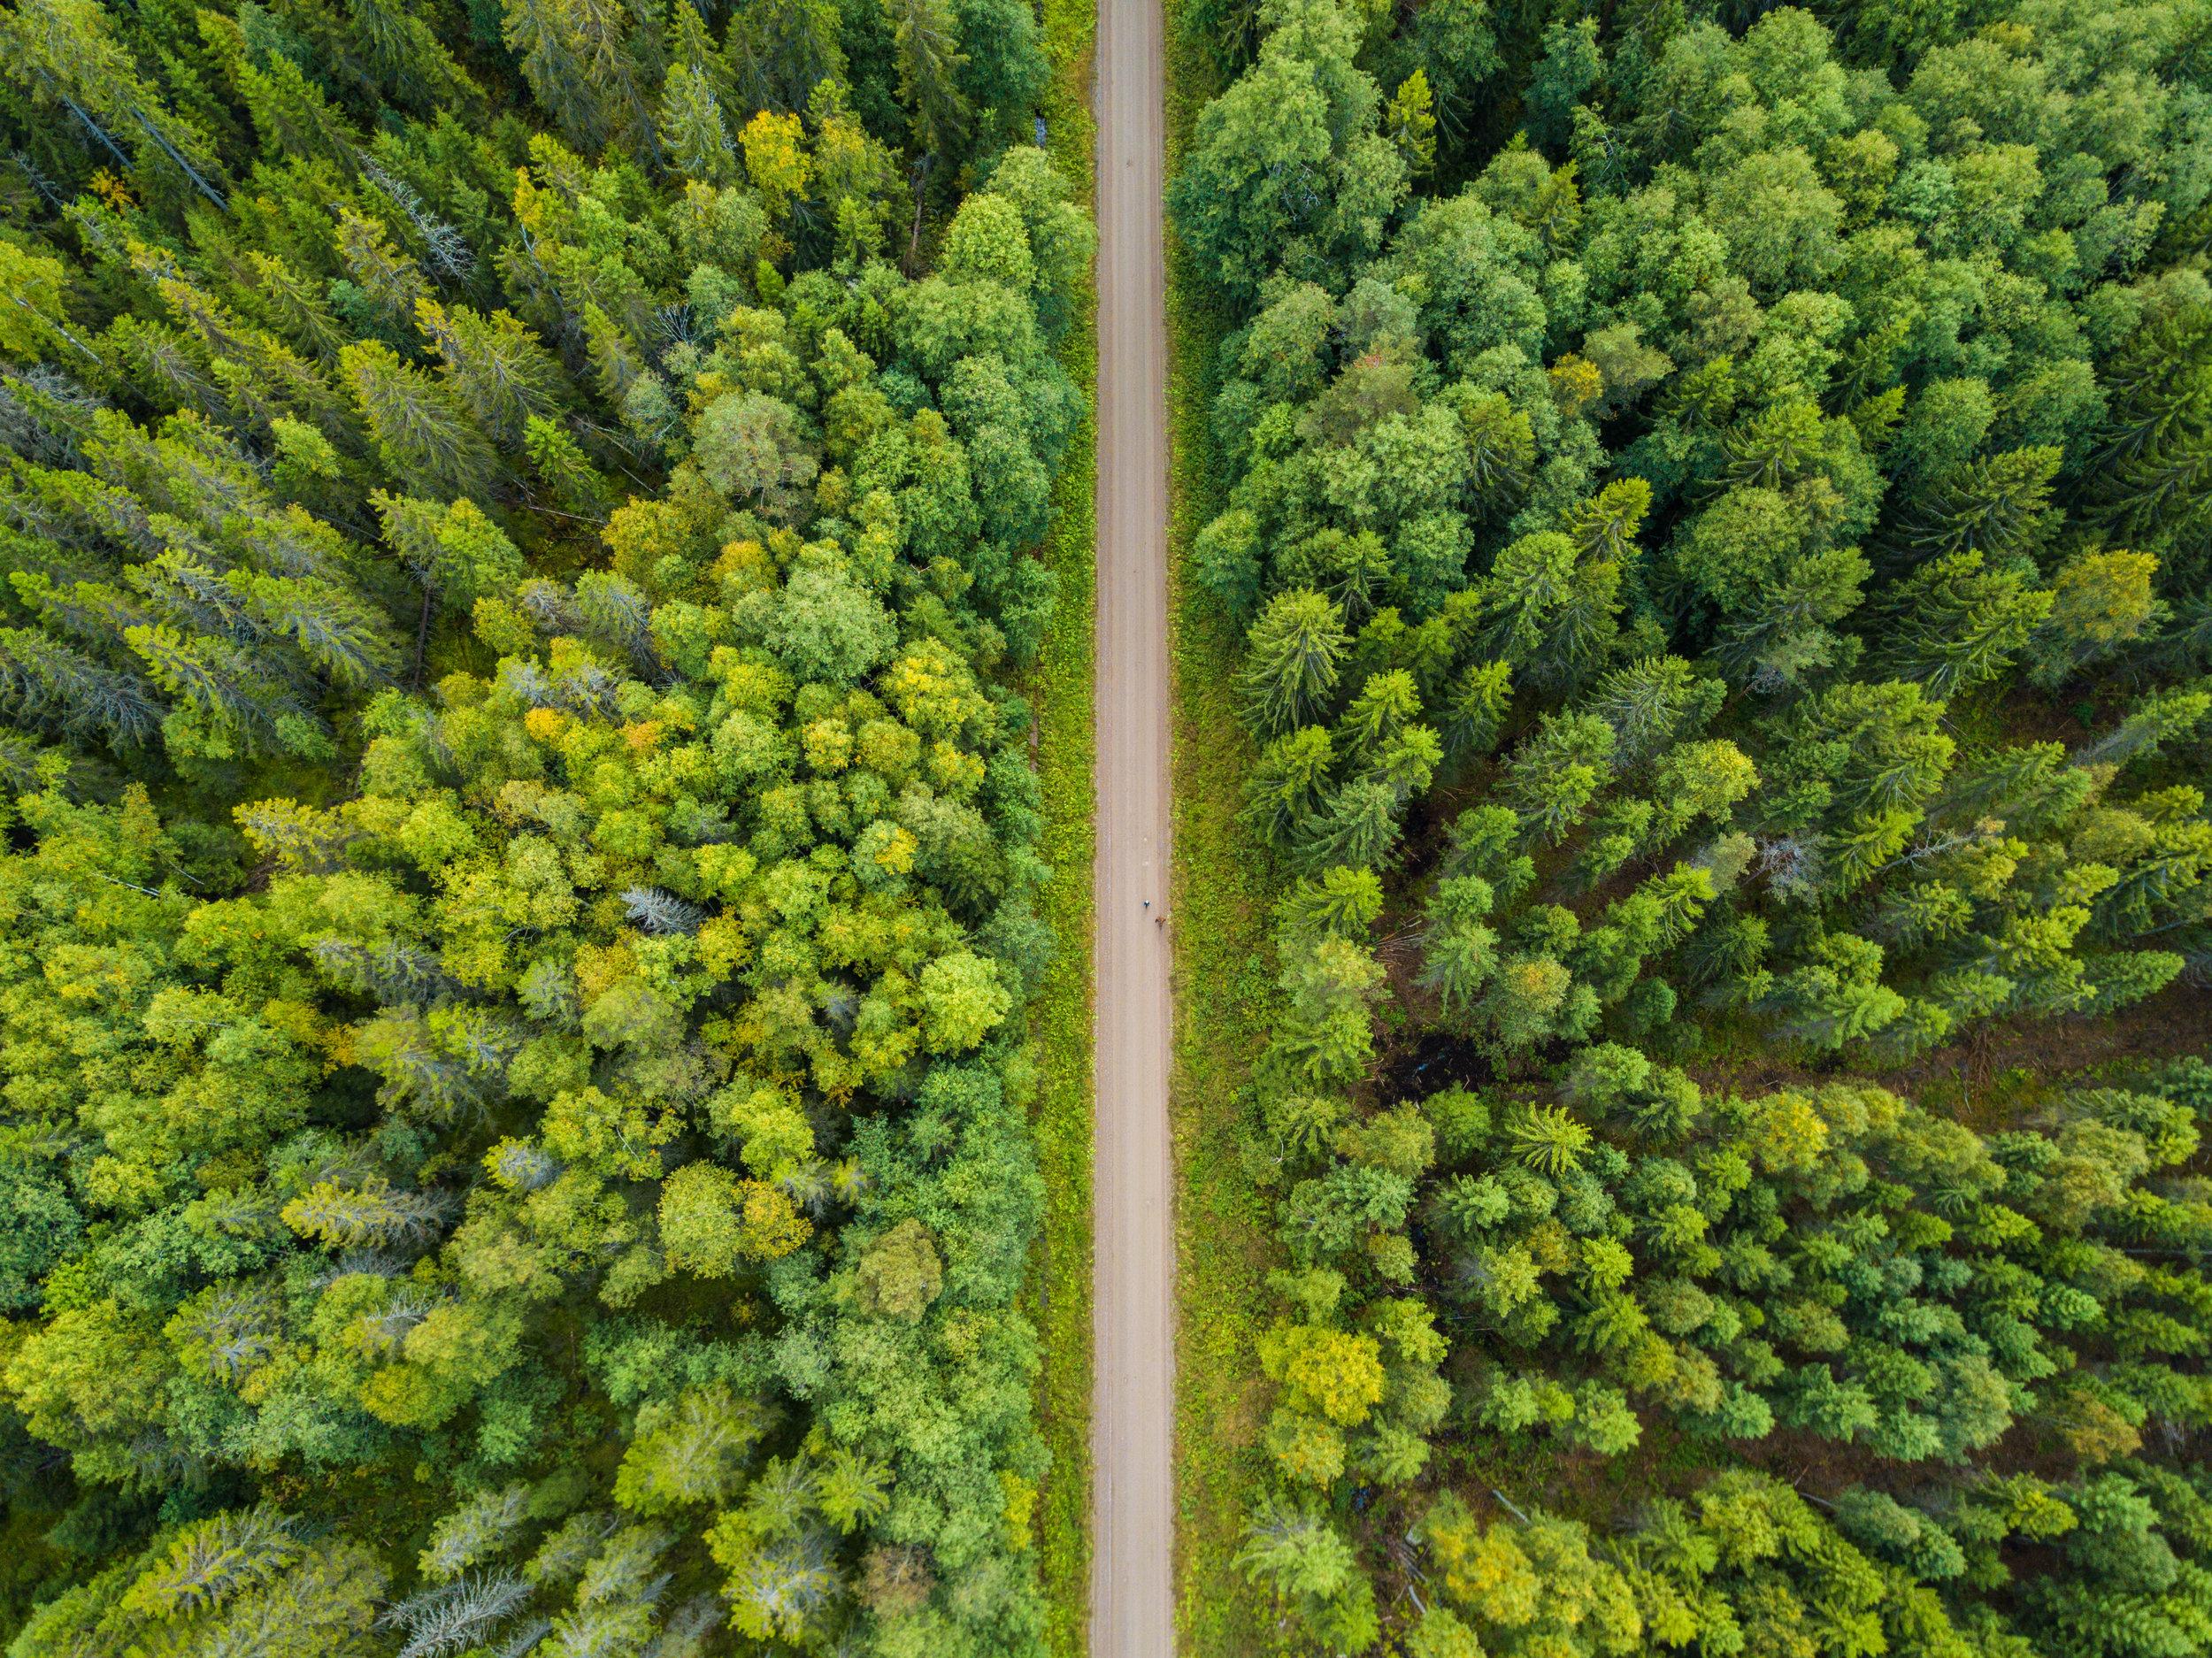 sweden-forest-road-Photo-by-Aaron-Minks-DJI_0081.jpg